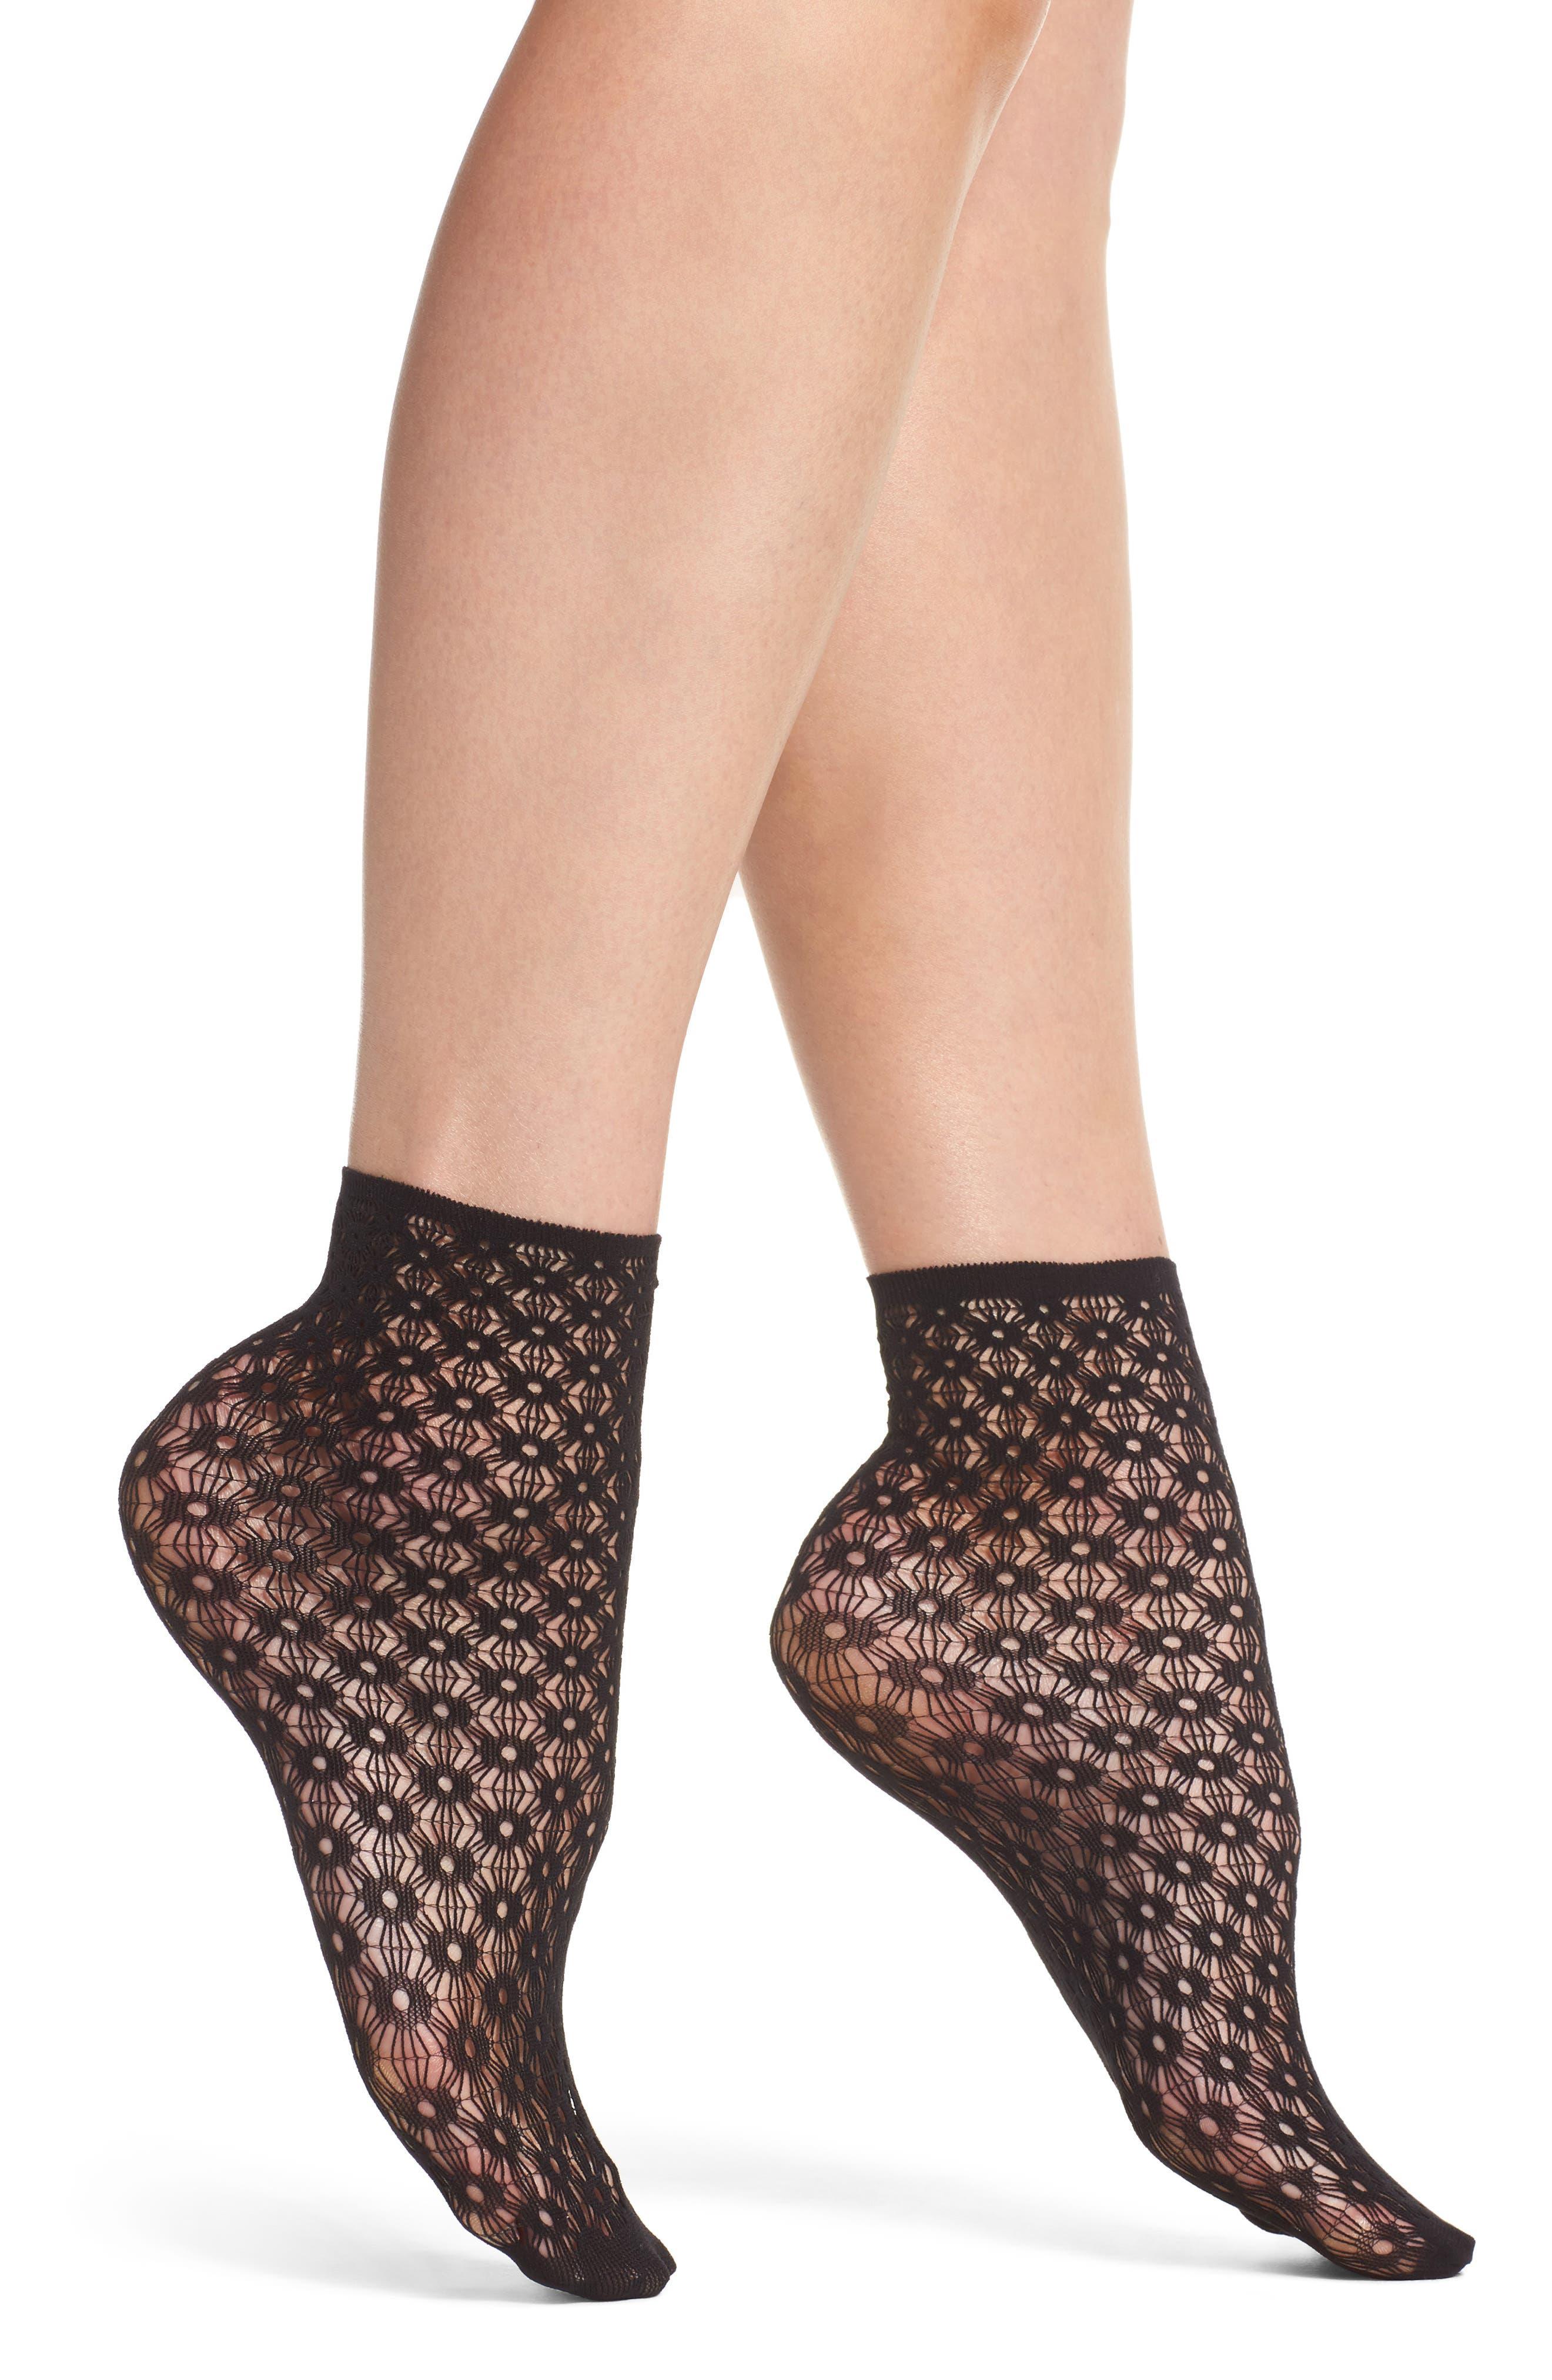 Elisa Ankle Socks,                             Main thumbnail 1, color,                             001